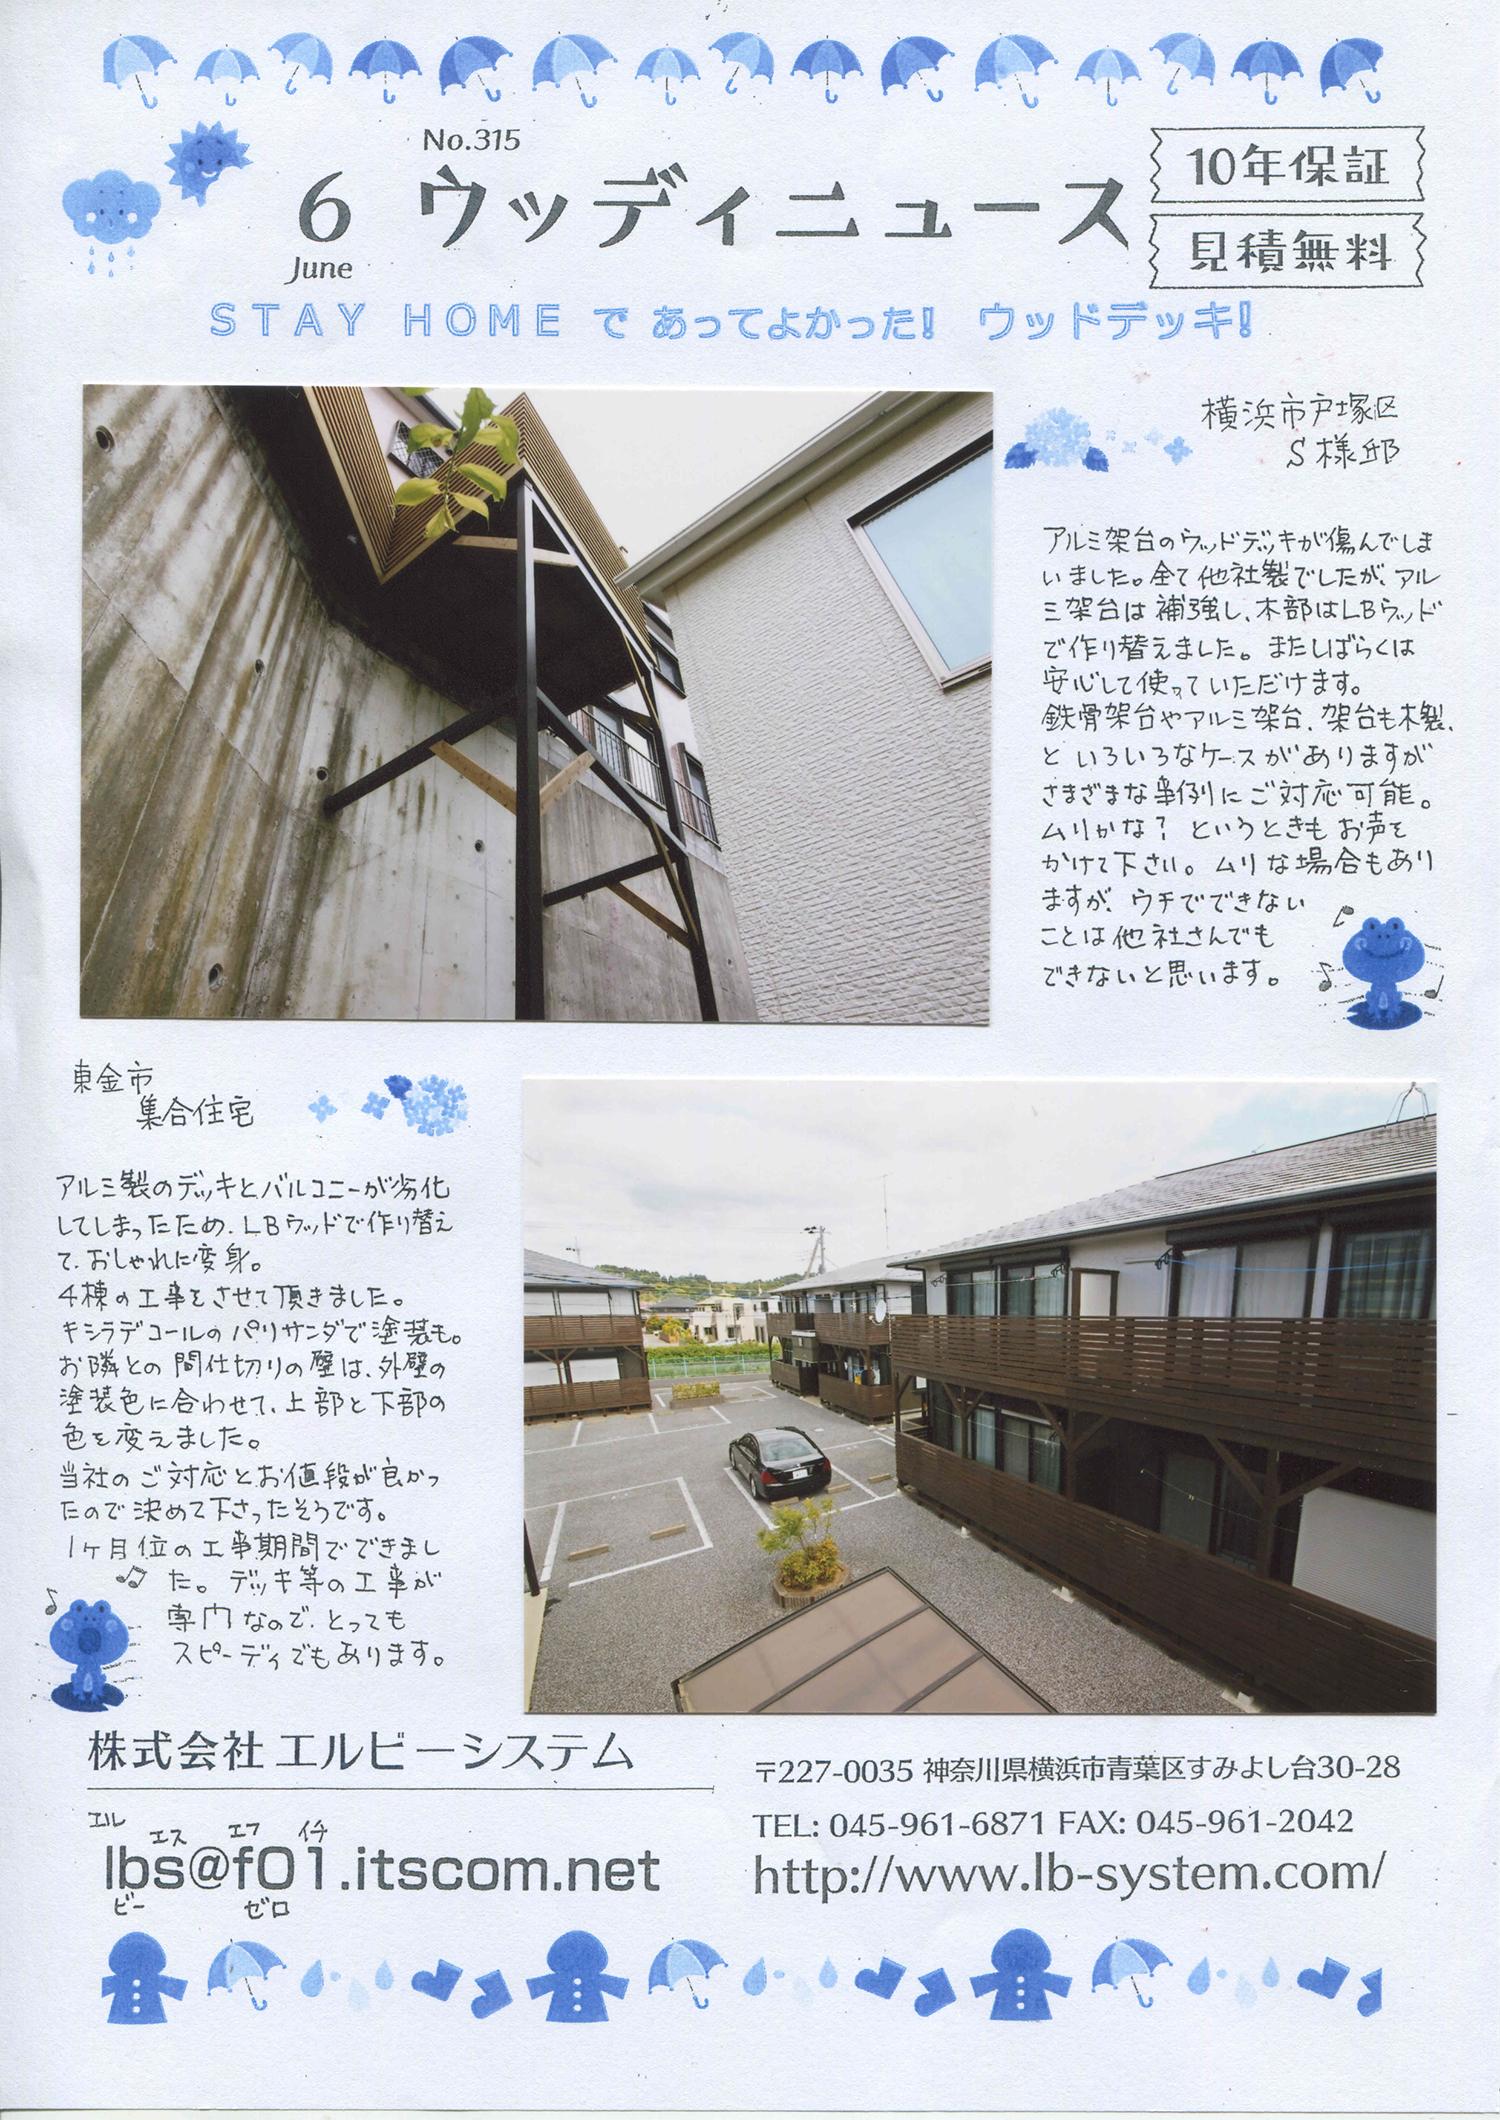 ウッディニュース6月千葉県東金市、神奈川県横浜市戸塚区ウッドデッキ施工